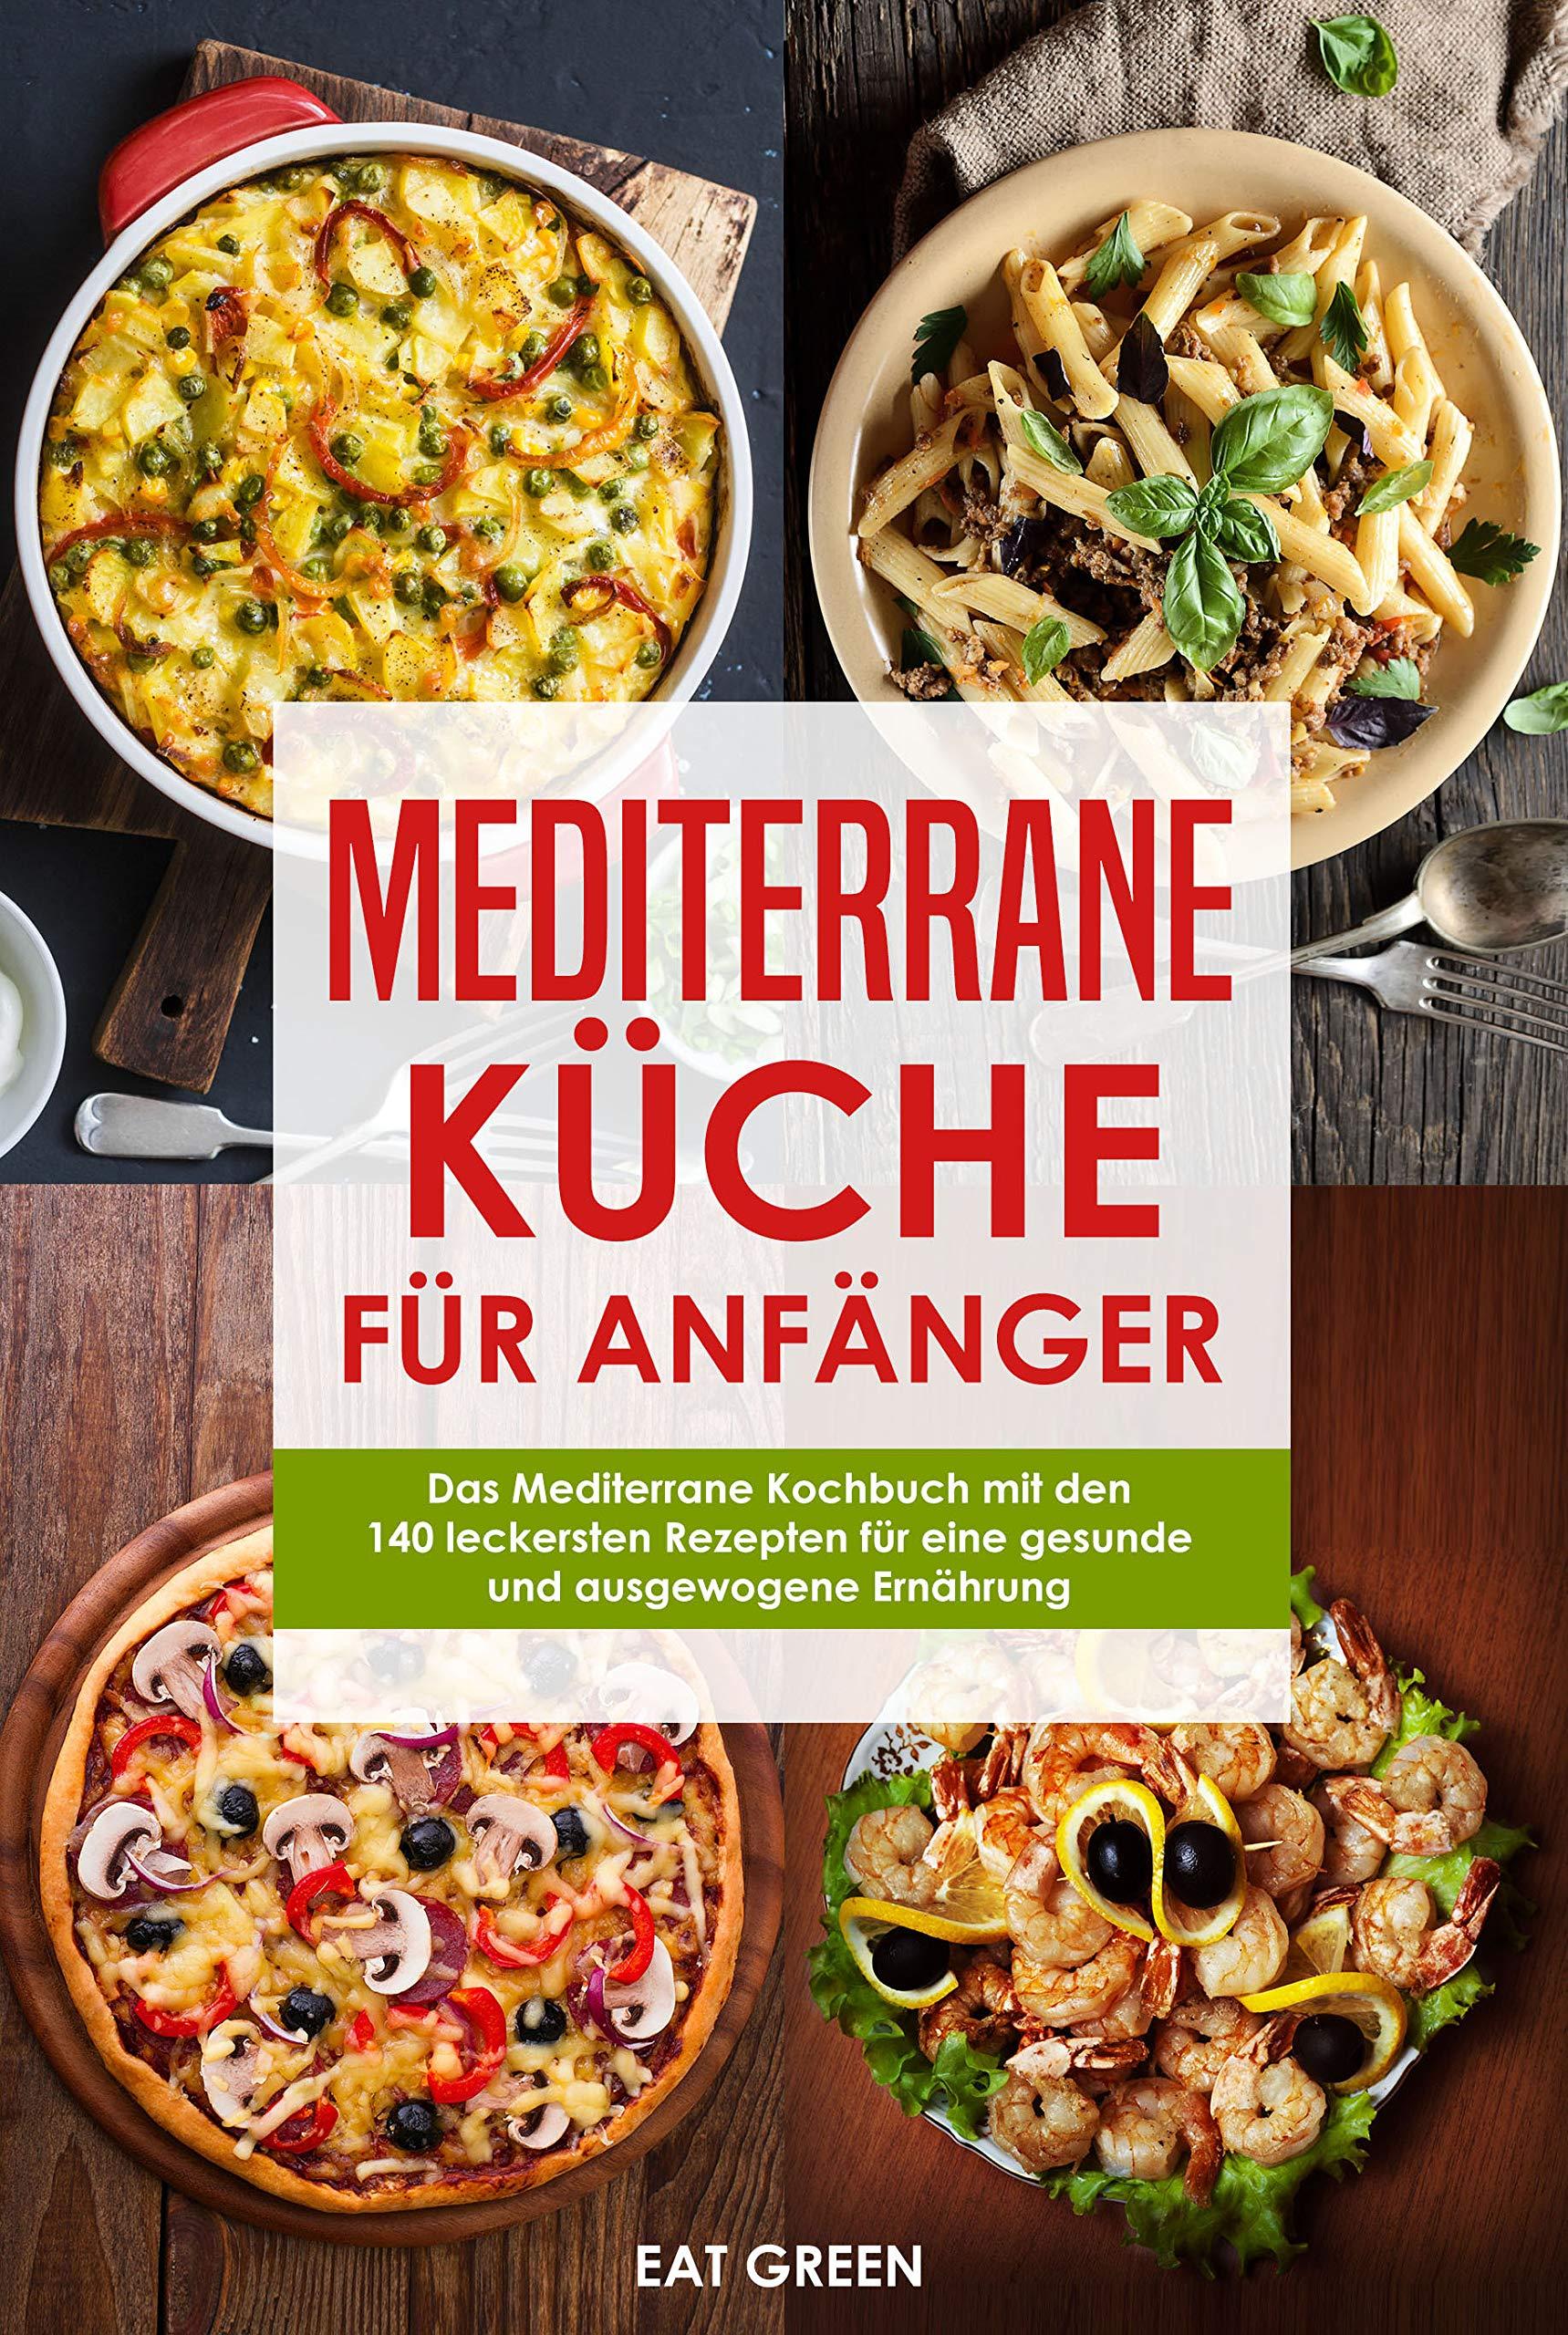 Mediterrane Küche Für Anfänger   Das Mediterrane Kochbuch Mit Den 140 Leckersten Rezepten Für Eine Gesunde Und Ausgewogene Ernährung